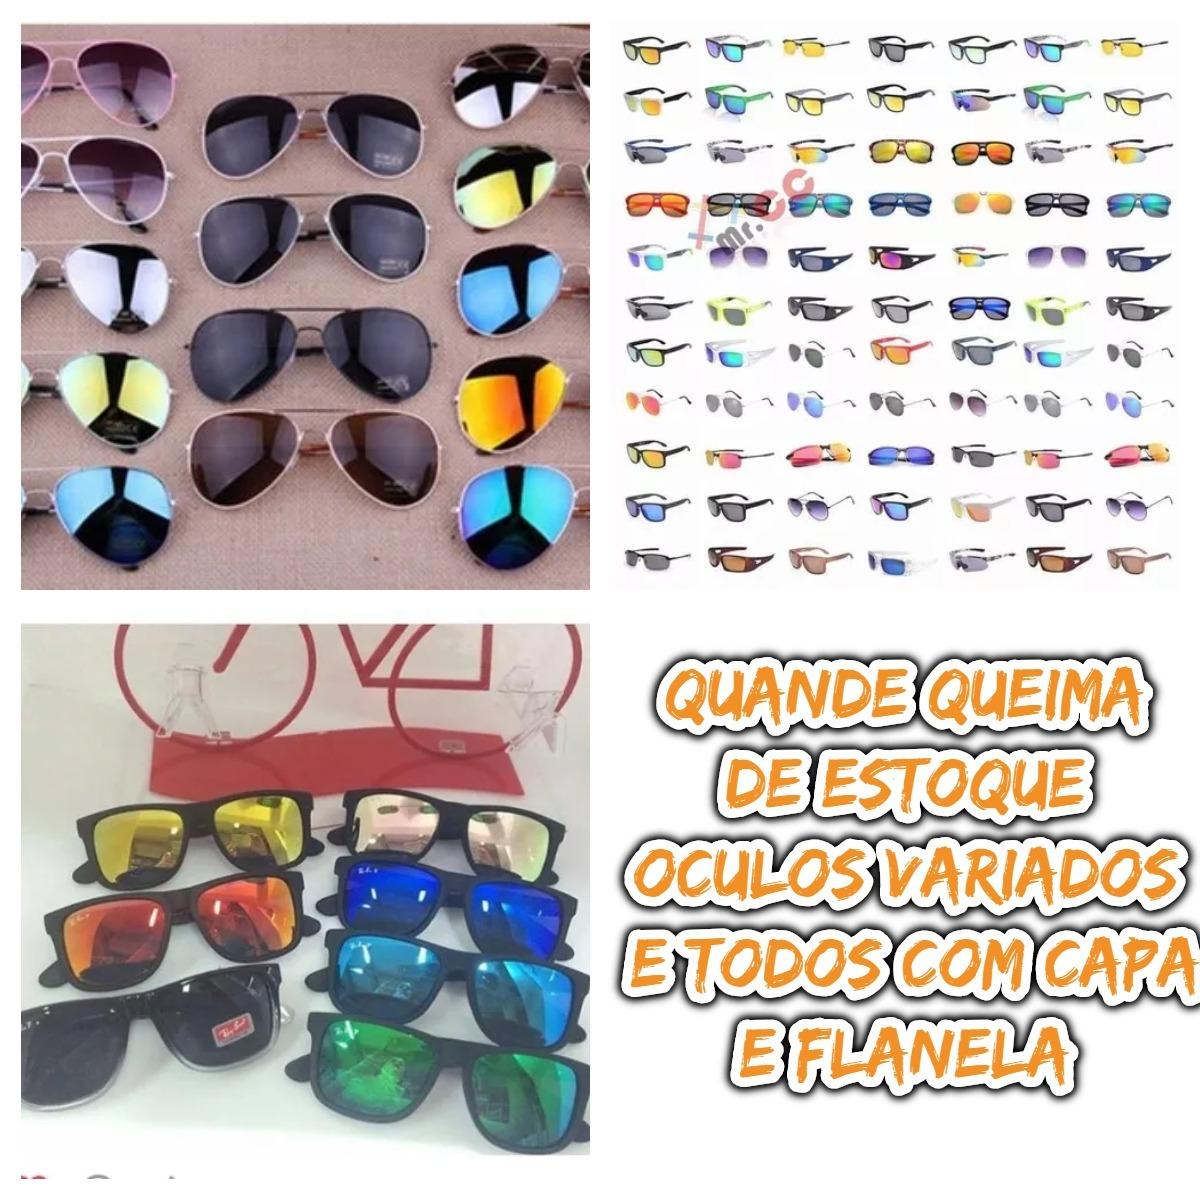 cd2c6c7c6 Kit 10 Óculos De Sol Adulto Proteção Uv Para Atacado/revenda - R ...